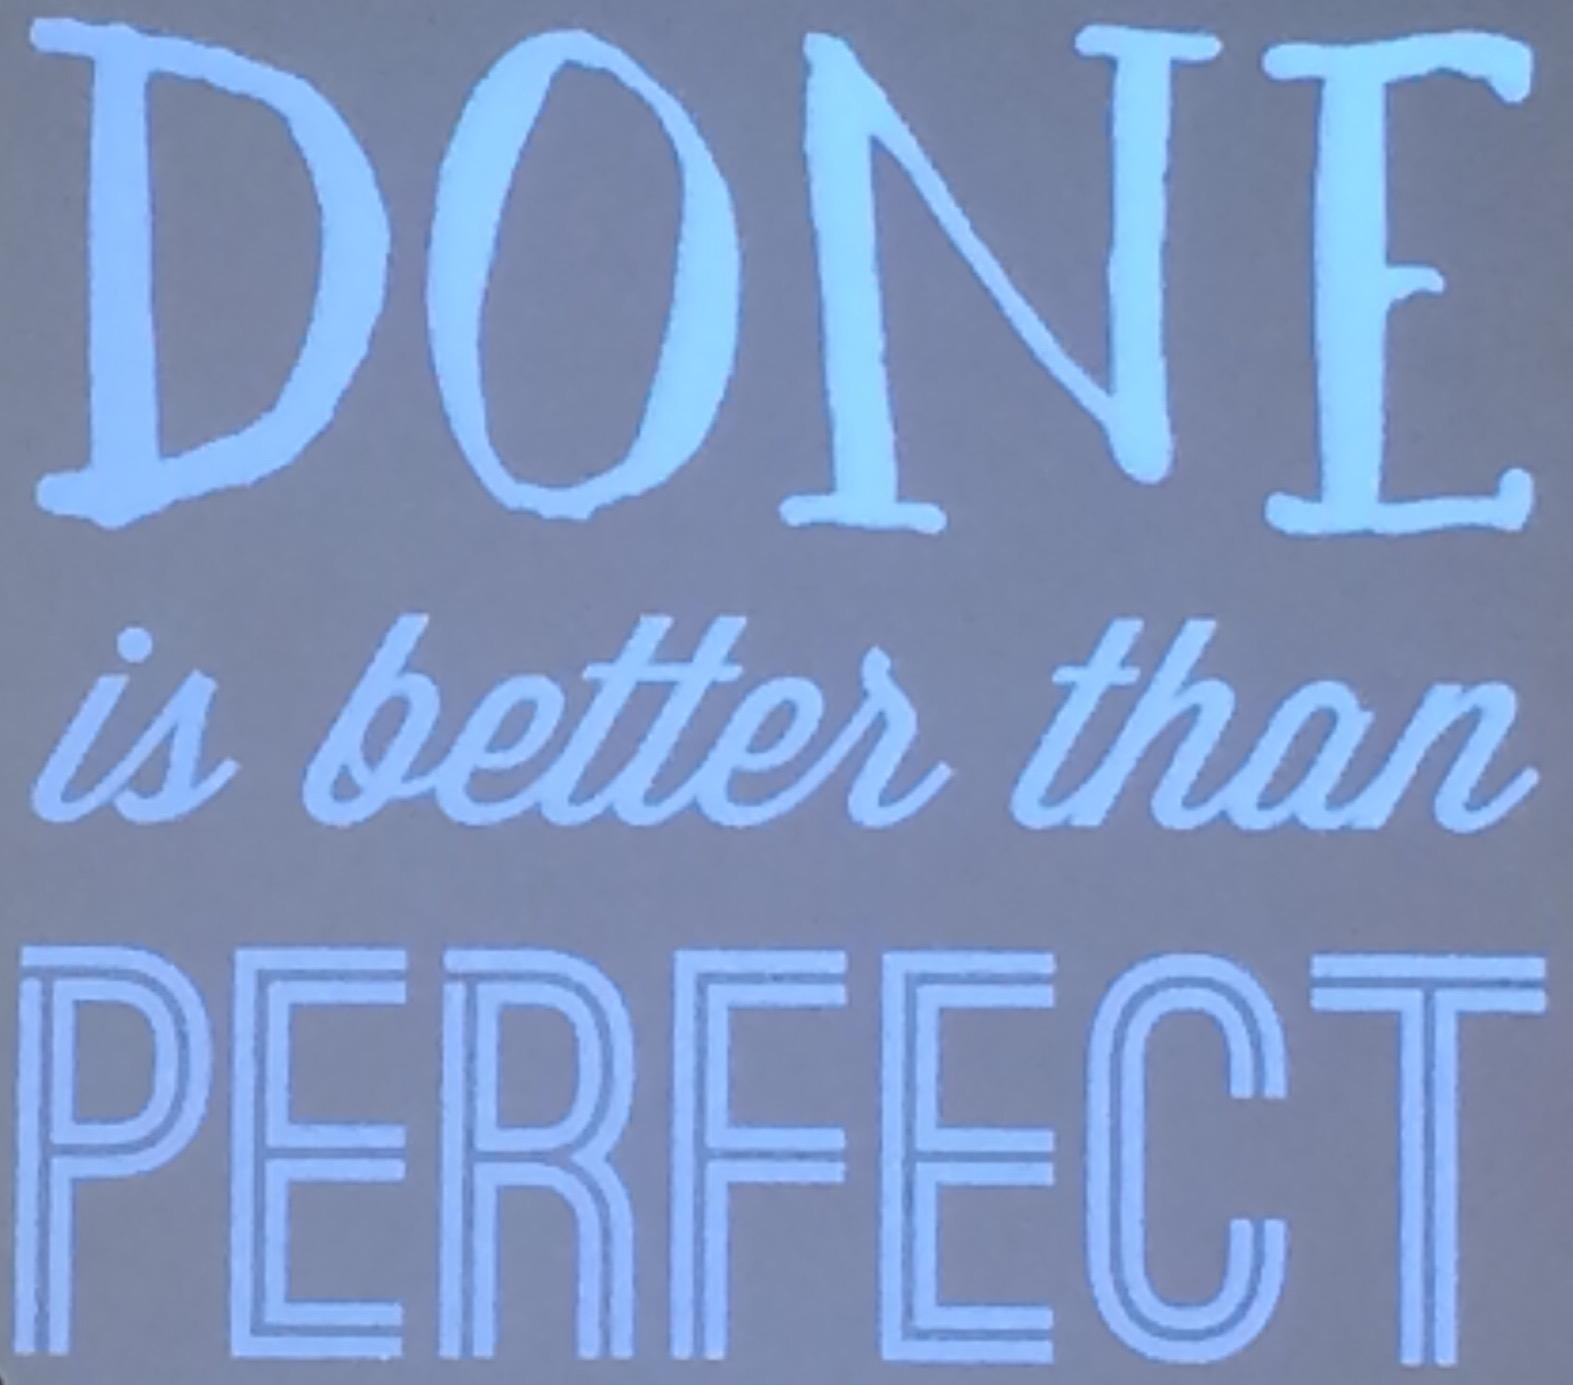 Livet behöver inte vara perfekt för att vara fantastiskt!